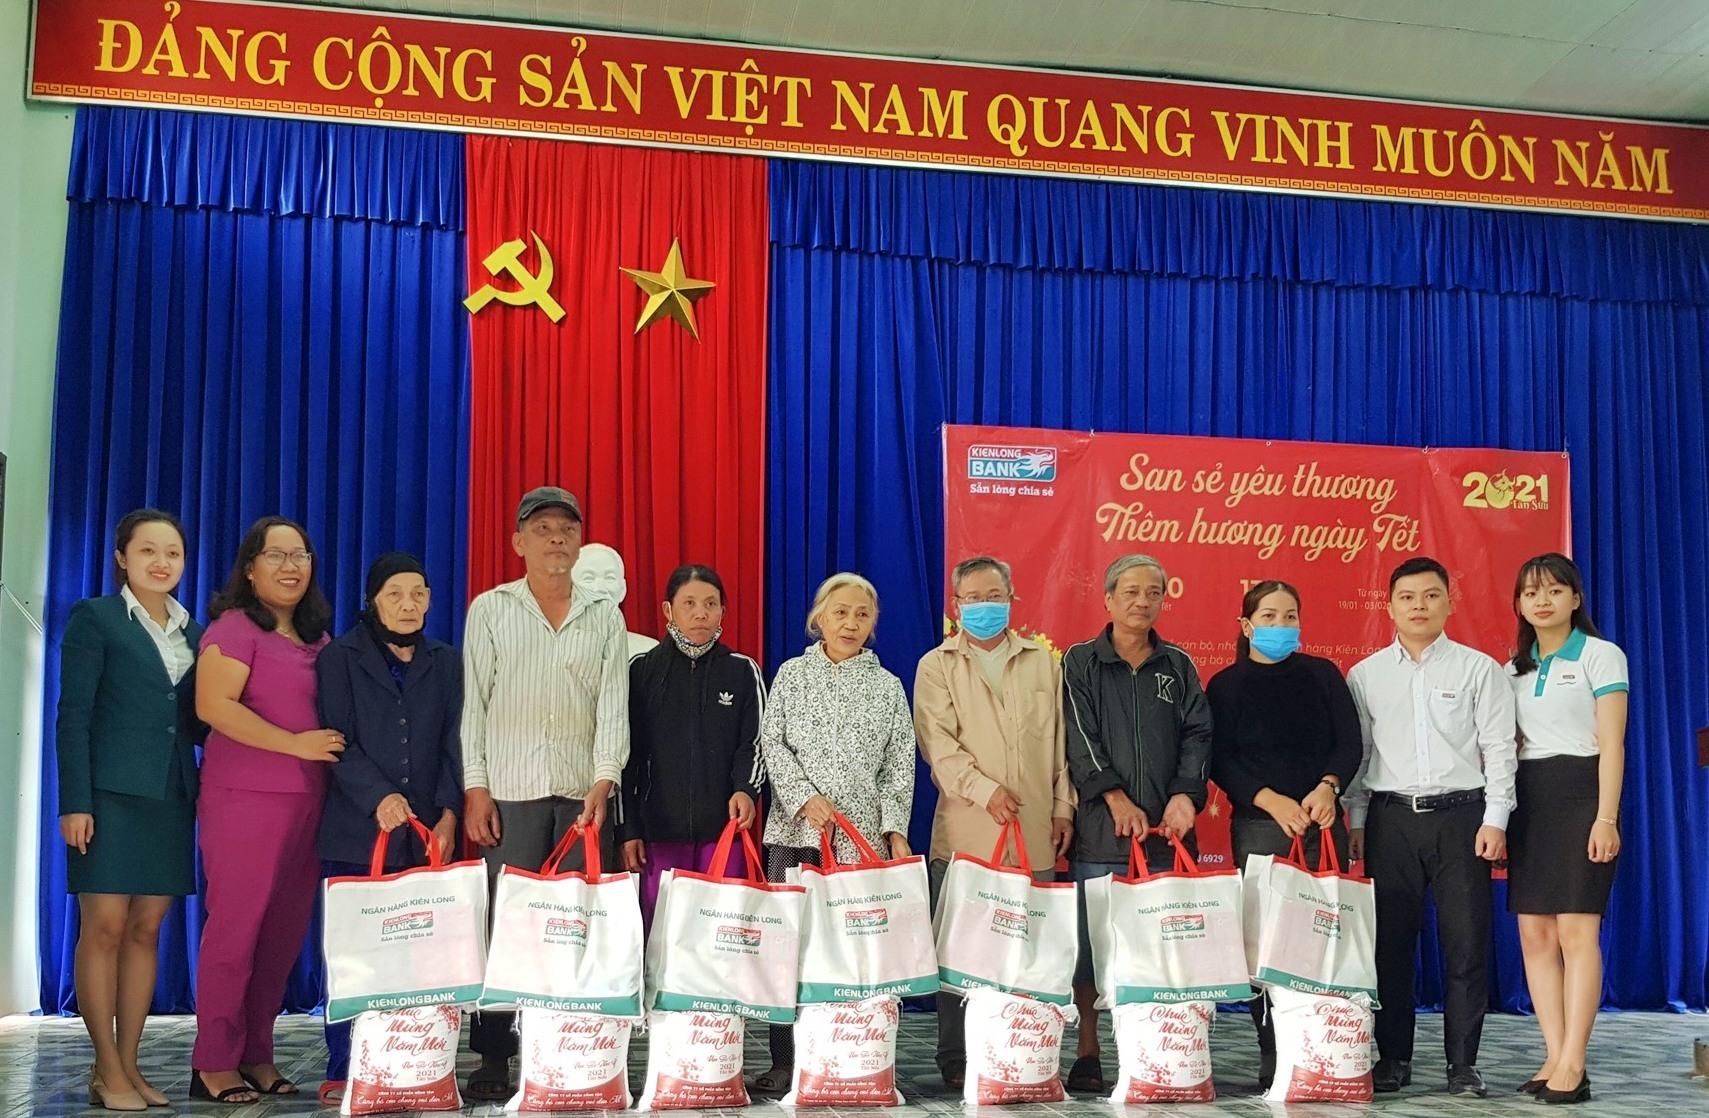 Ngân hàng Kiên Long chi nhánh Điện Bàn trao tặng quà cho các gia đình khó khăn tại xã Điện Minh và phường Vĩnh Điện.